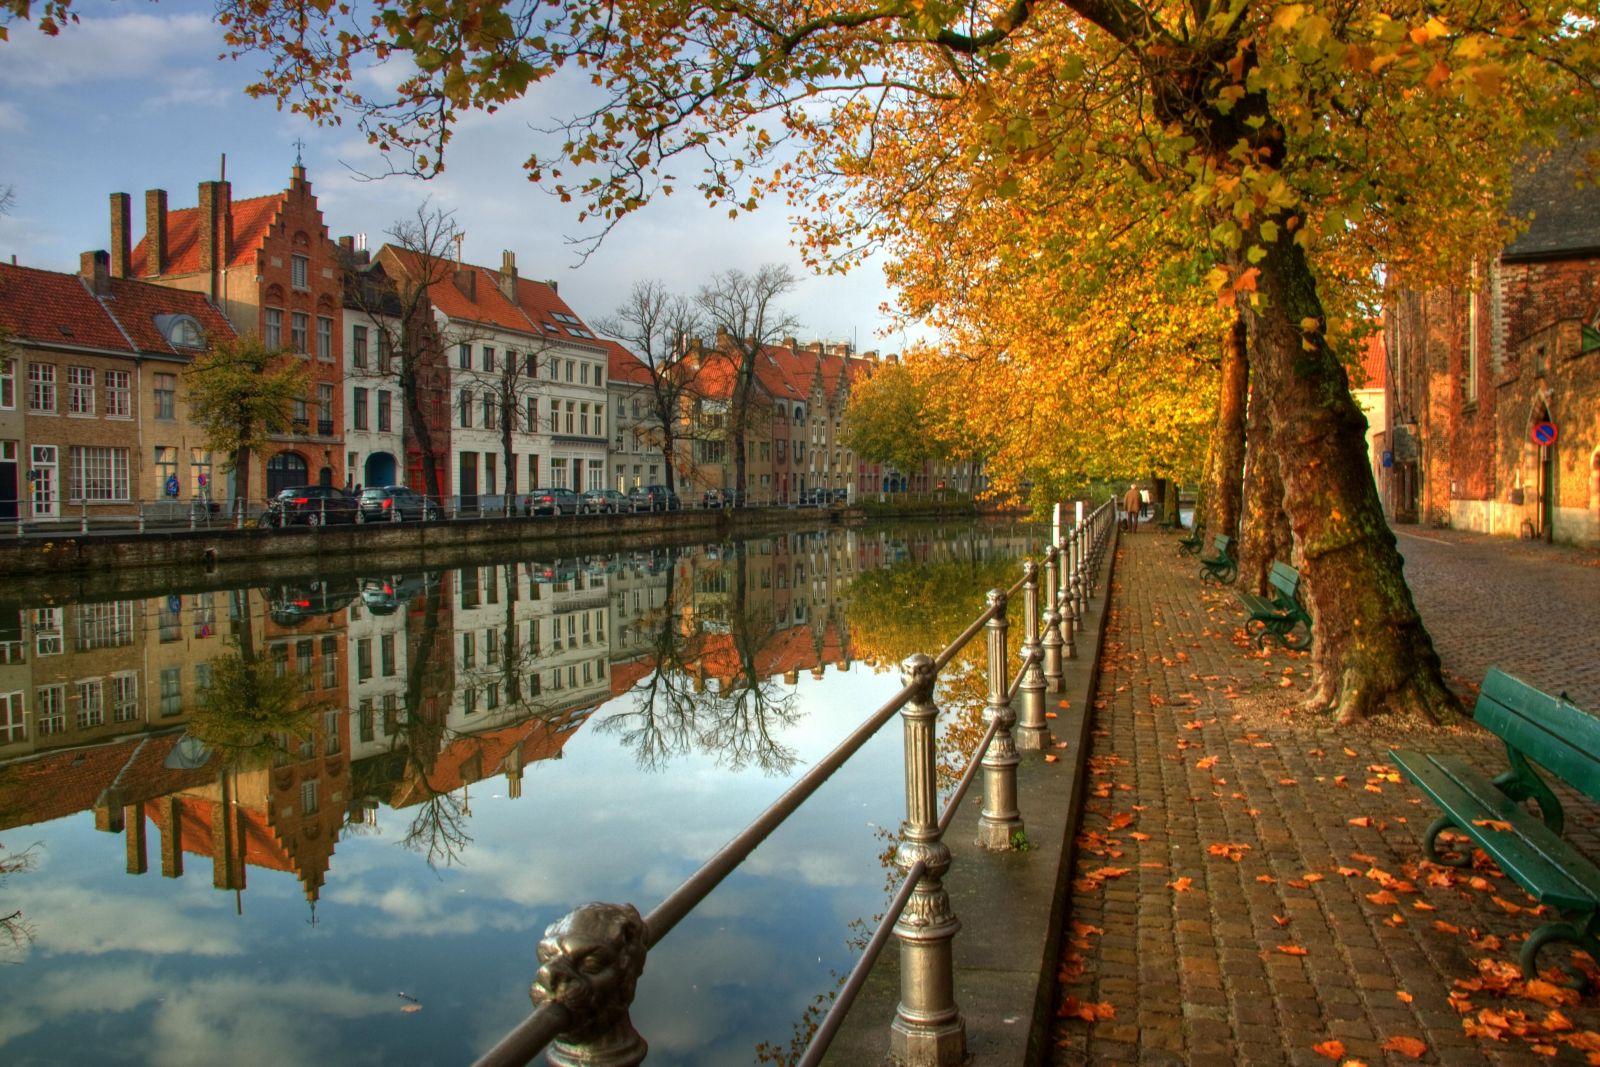 Kinh nghiệm xin visa đi du lịch Bỉ chi tiết nhất